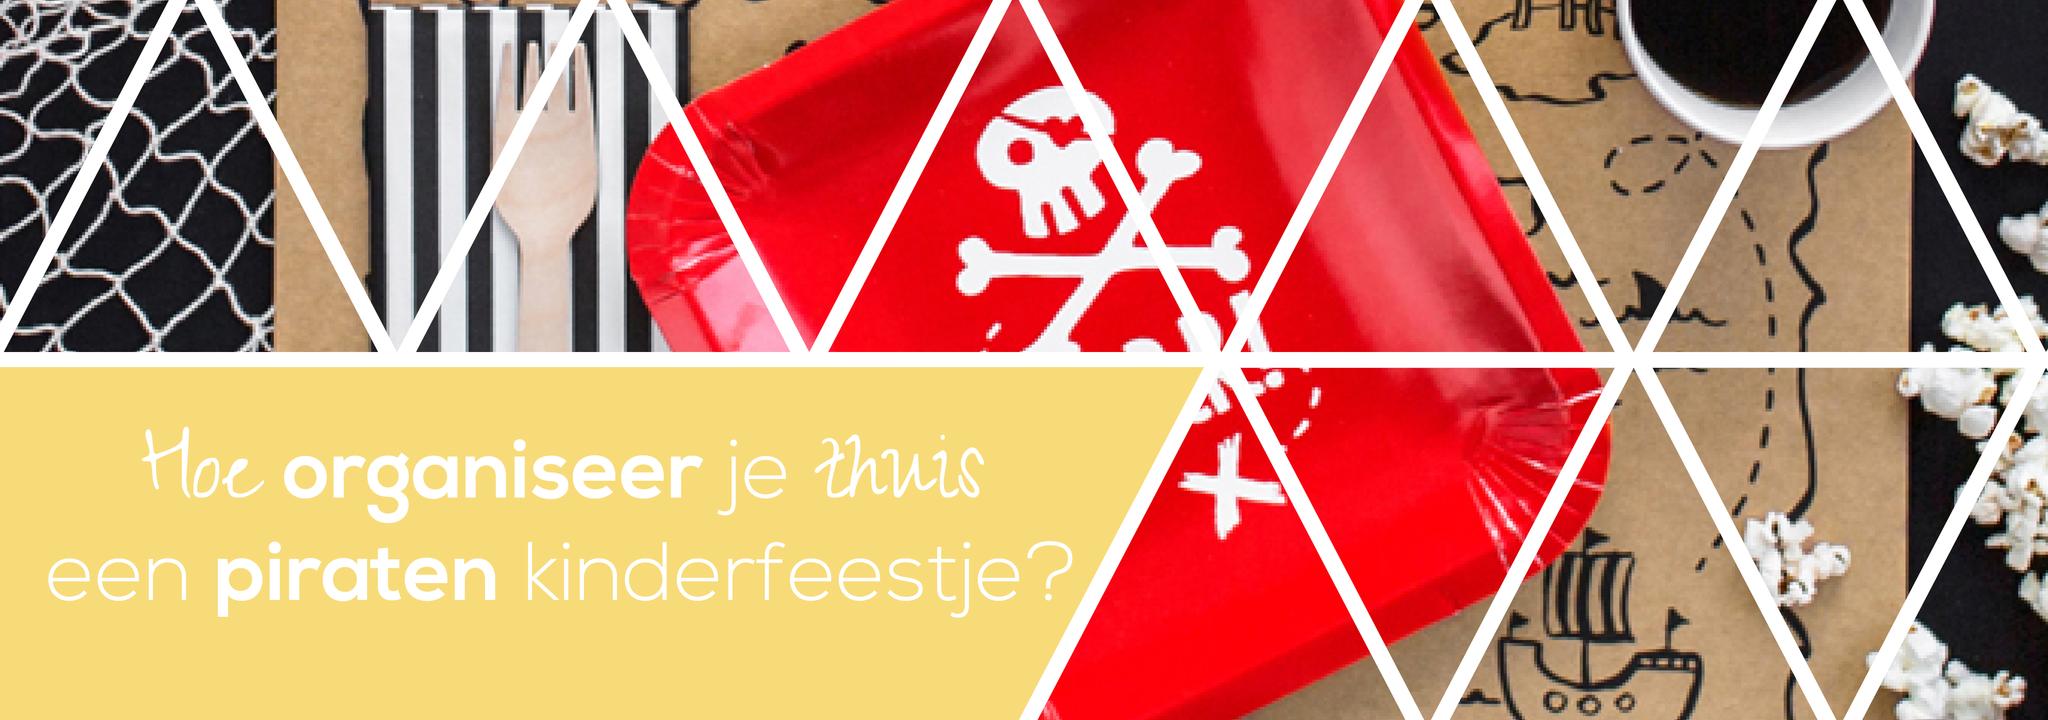 Hoe organiseer je thuis een piraten kinderfeestje?